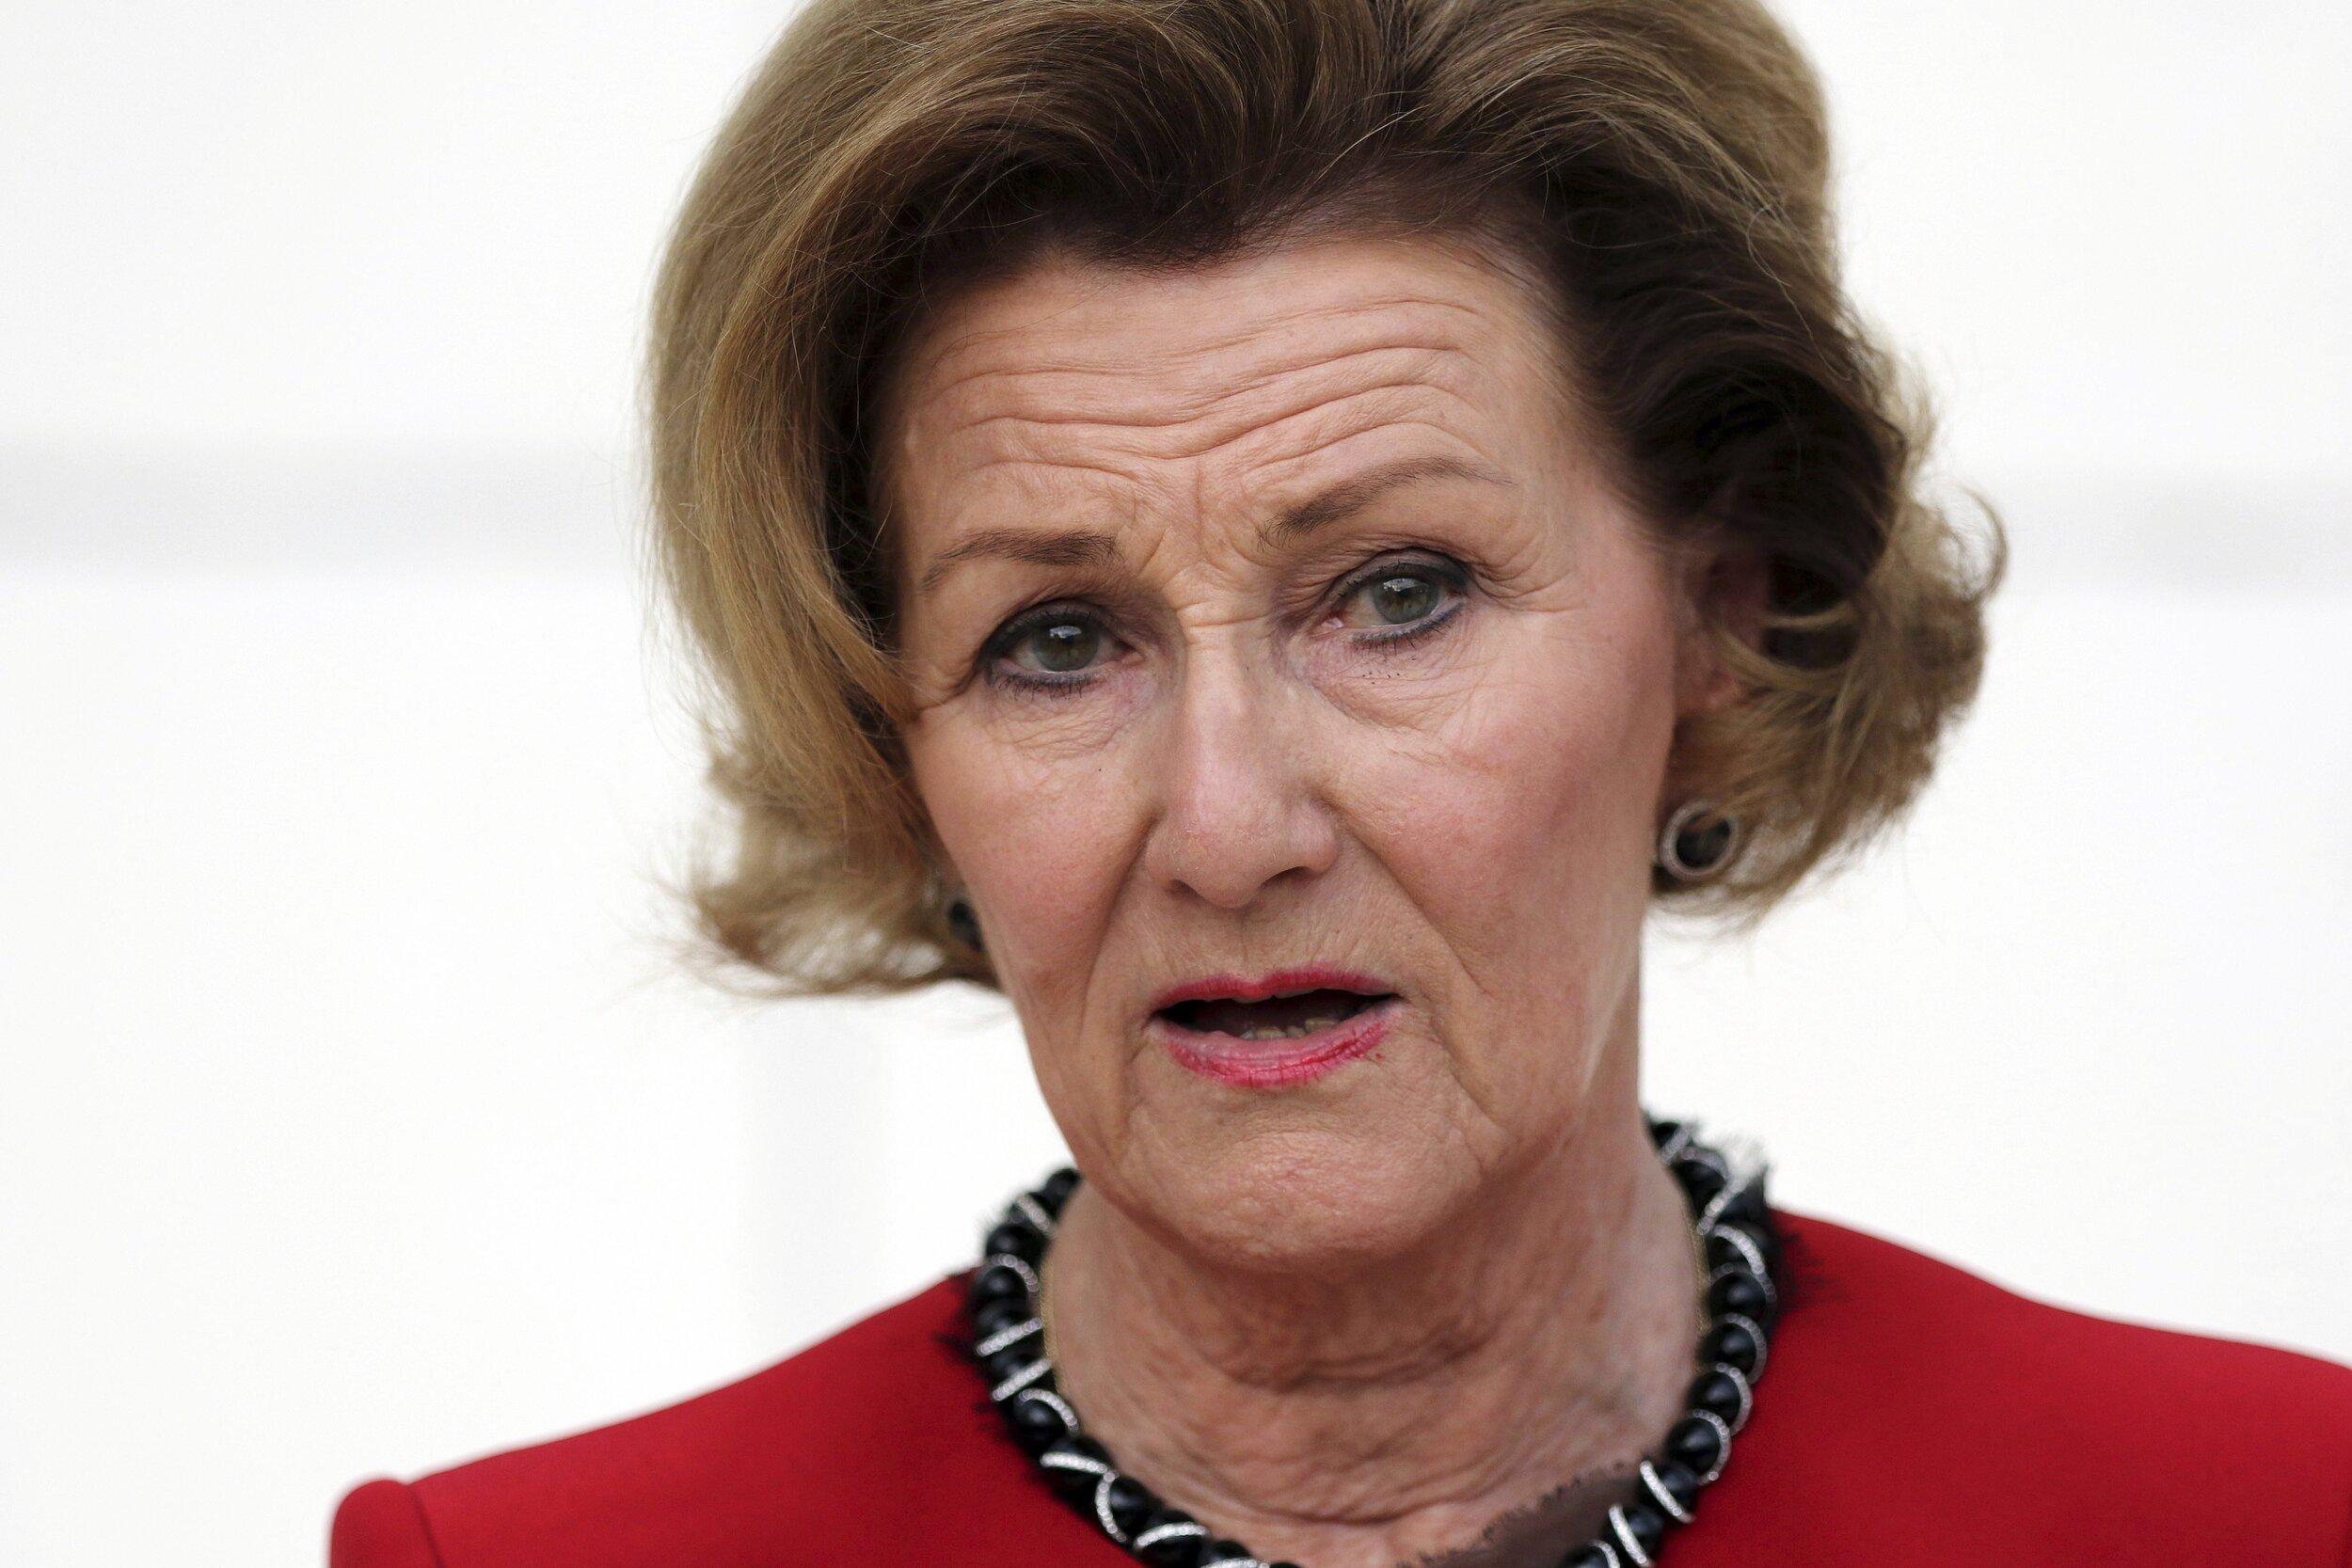 Königin Sonja ist zu krank, um Termine wahrzunehmen.  © picture alliance / AP Photo